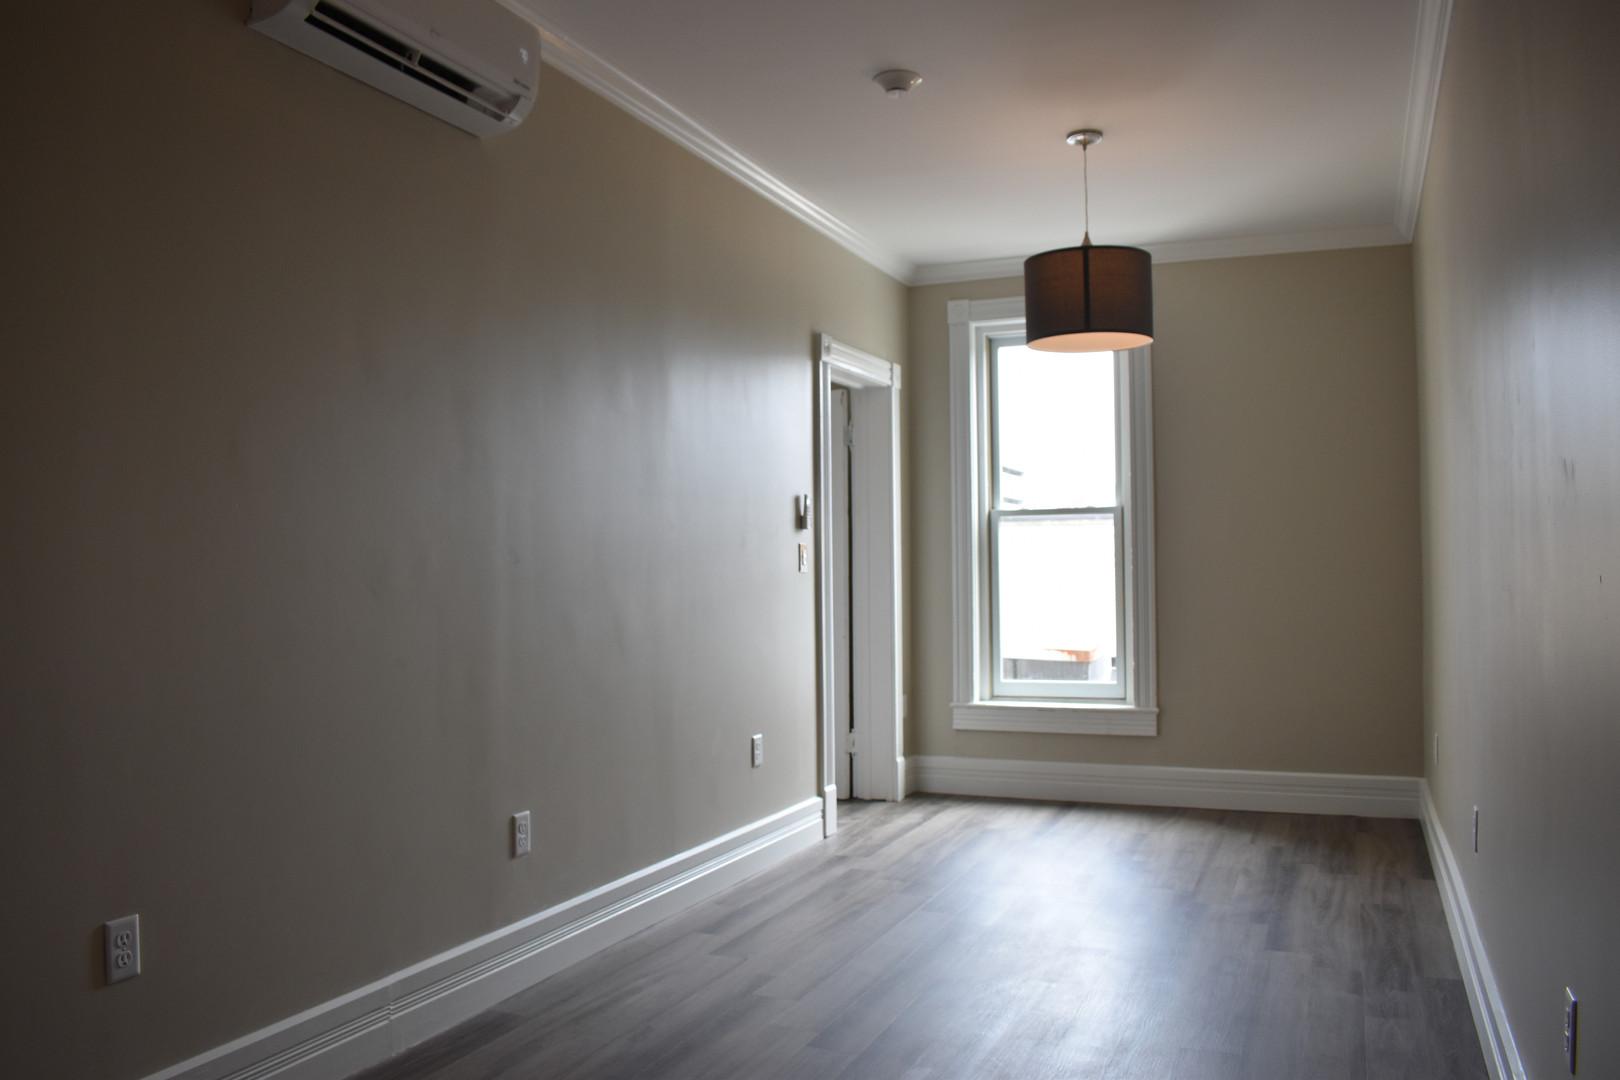 Bedroom w/ Air Conditioner